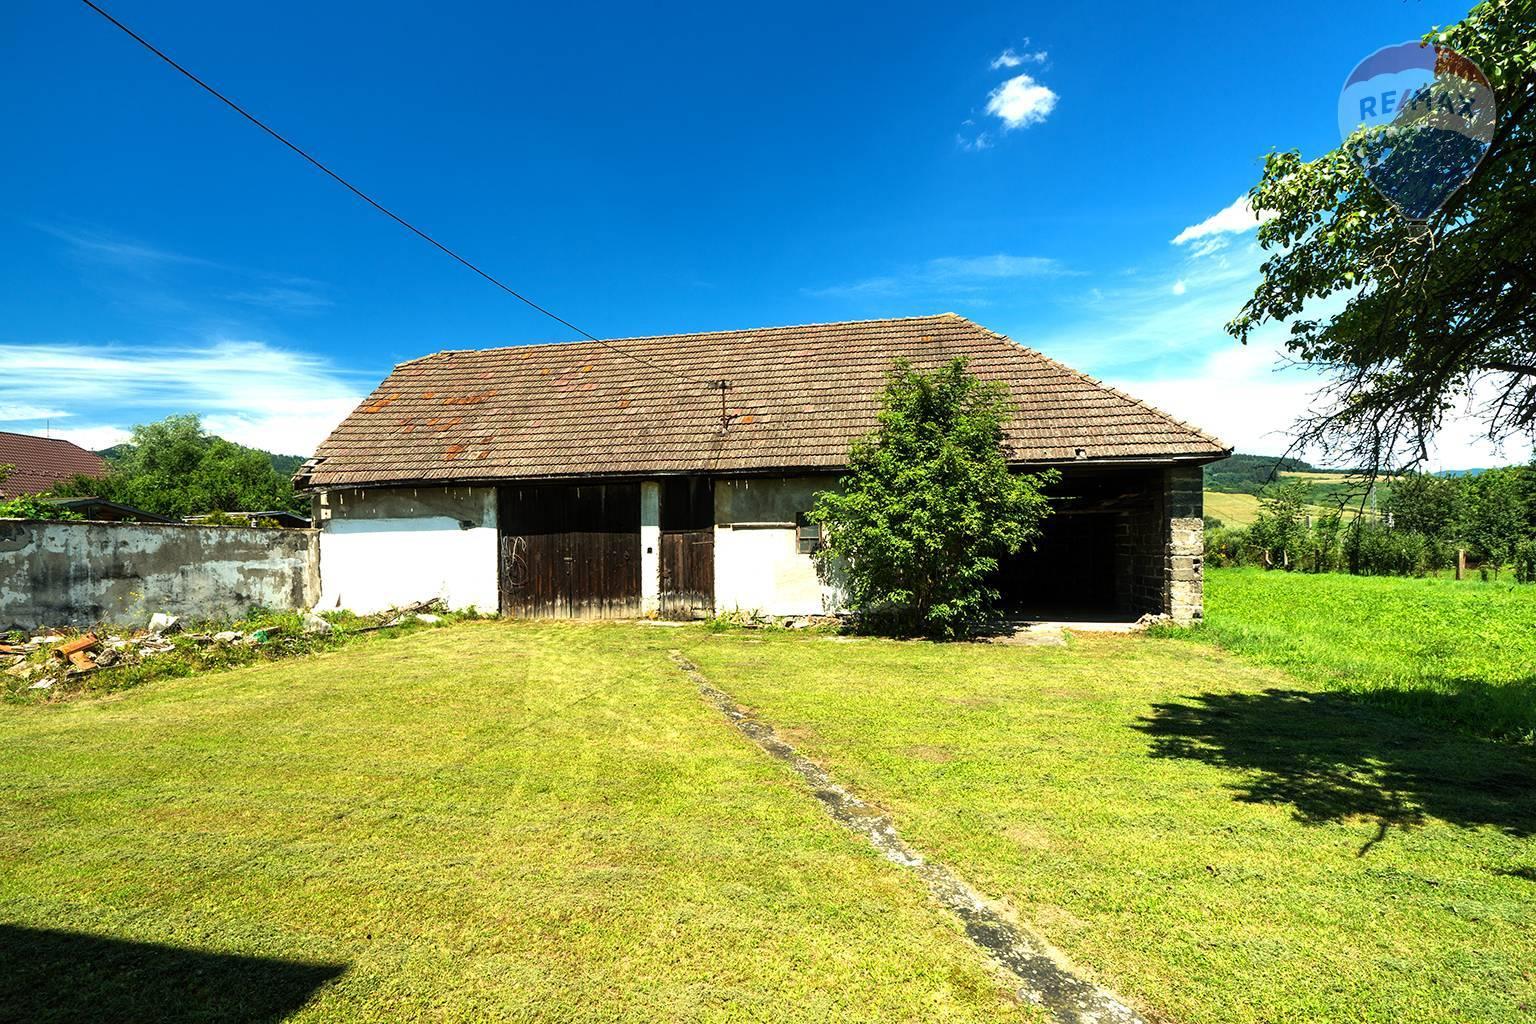 Predaj domu 410 m2, Liptovská Teplá - humno